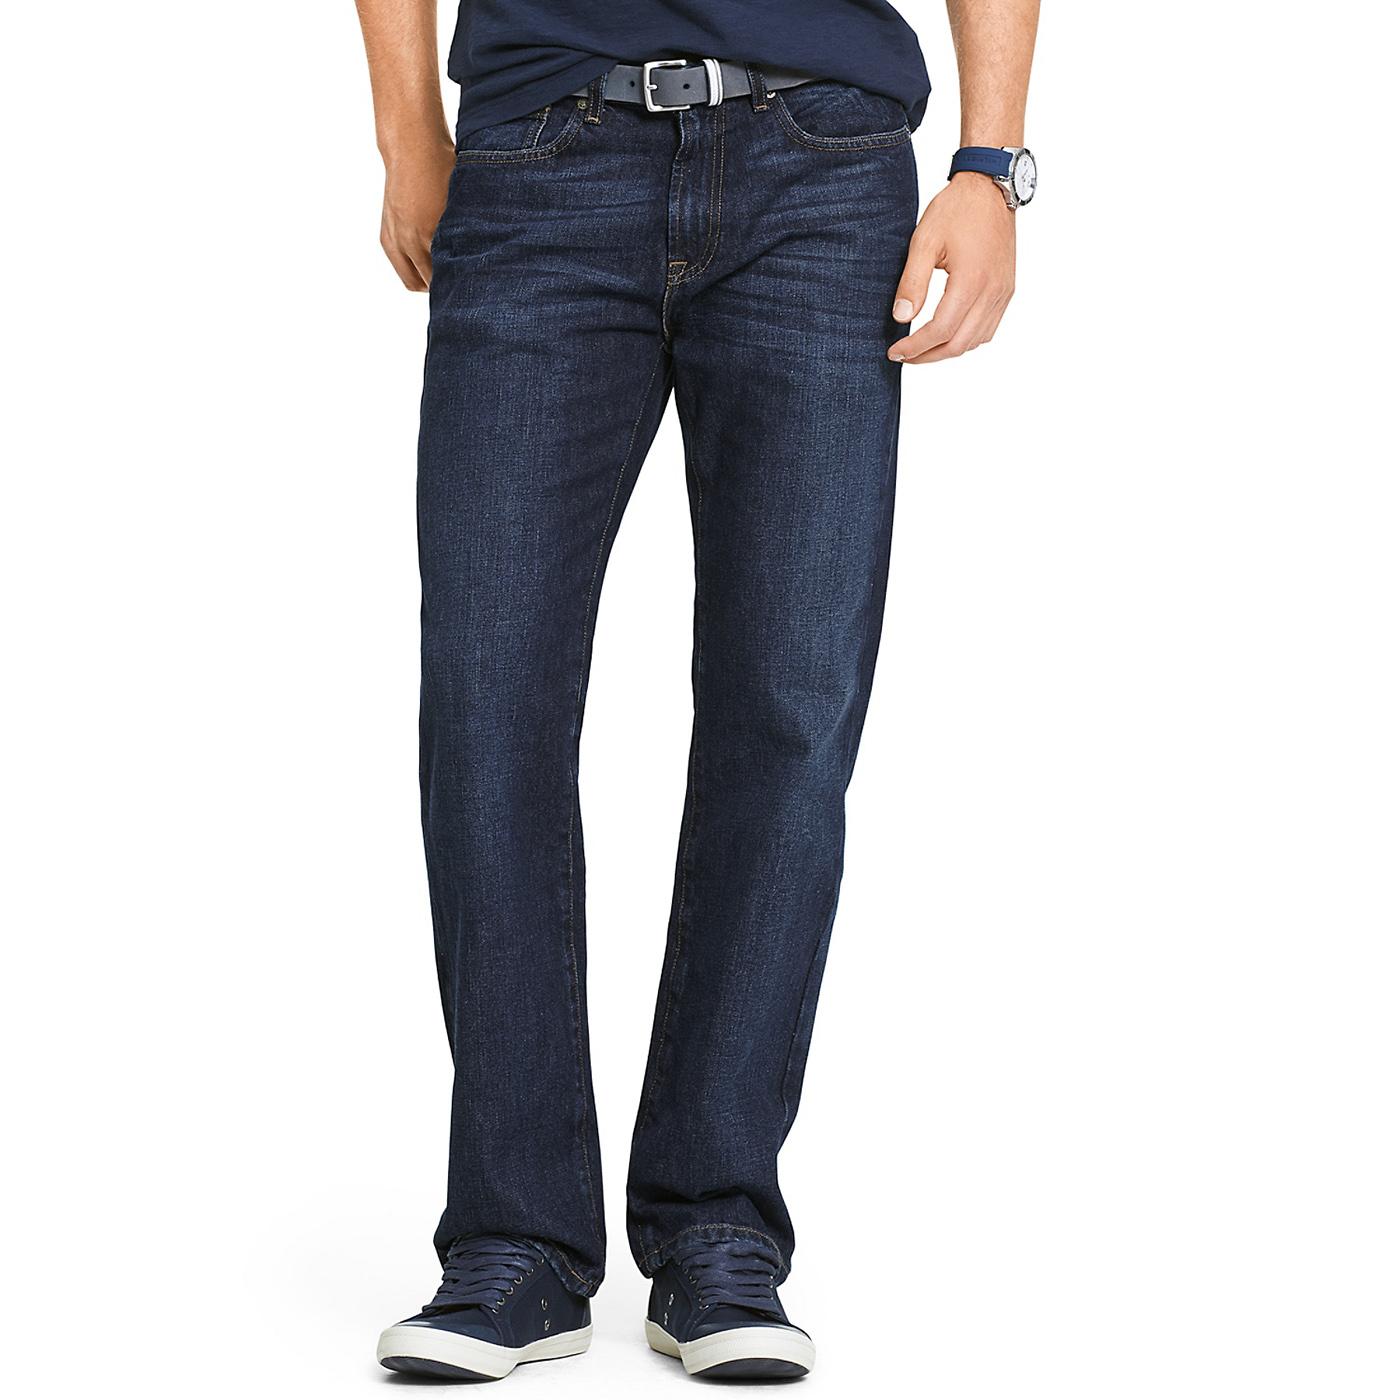 美國百分百【全新真品】Tommy Hilfiger 牛仔褲 TH 休閒褲 長褲 單寧 合身 深藍 抓紋 刷色 30腰 F656